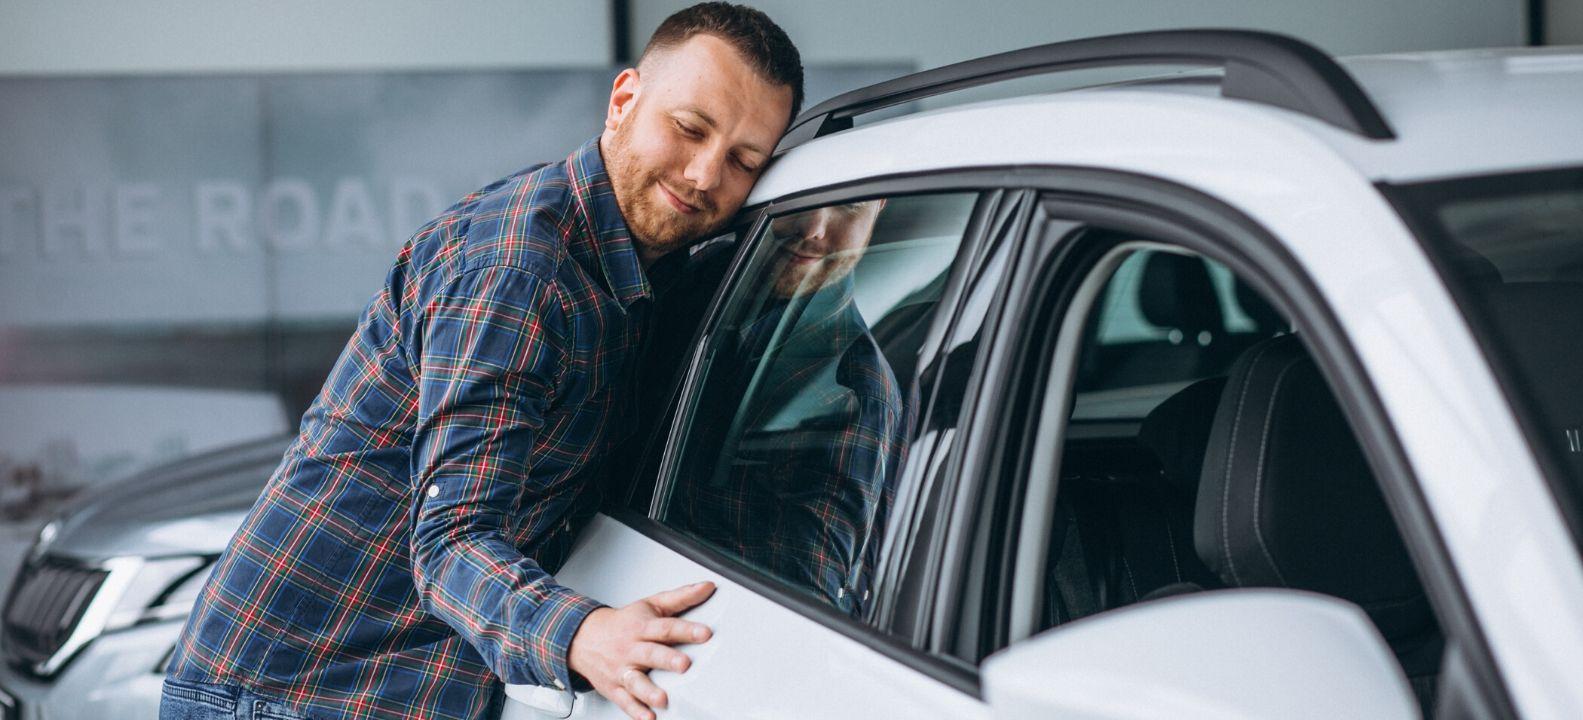 Coberturas póliza seguro coche